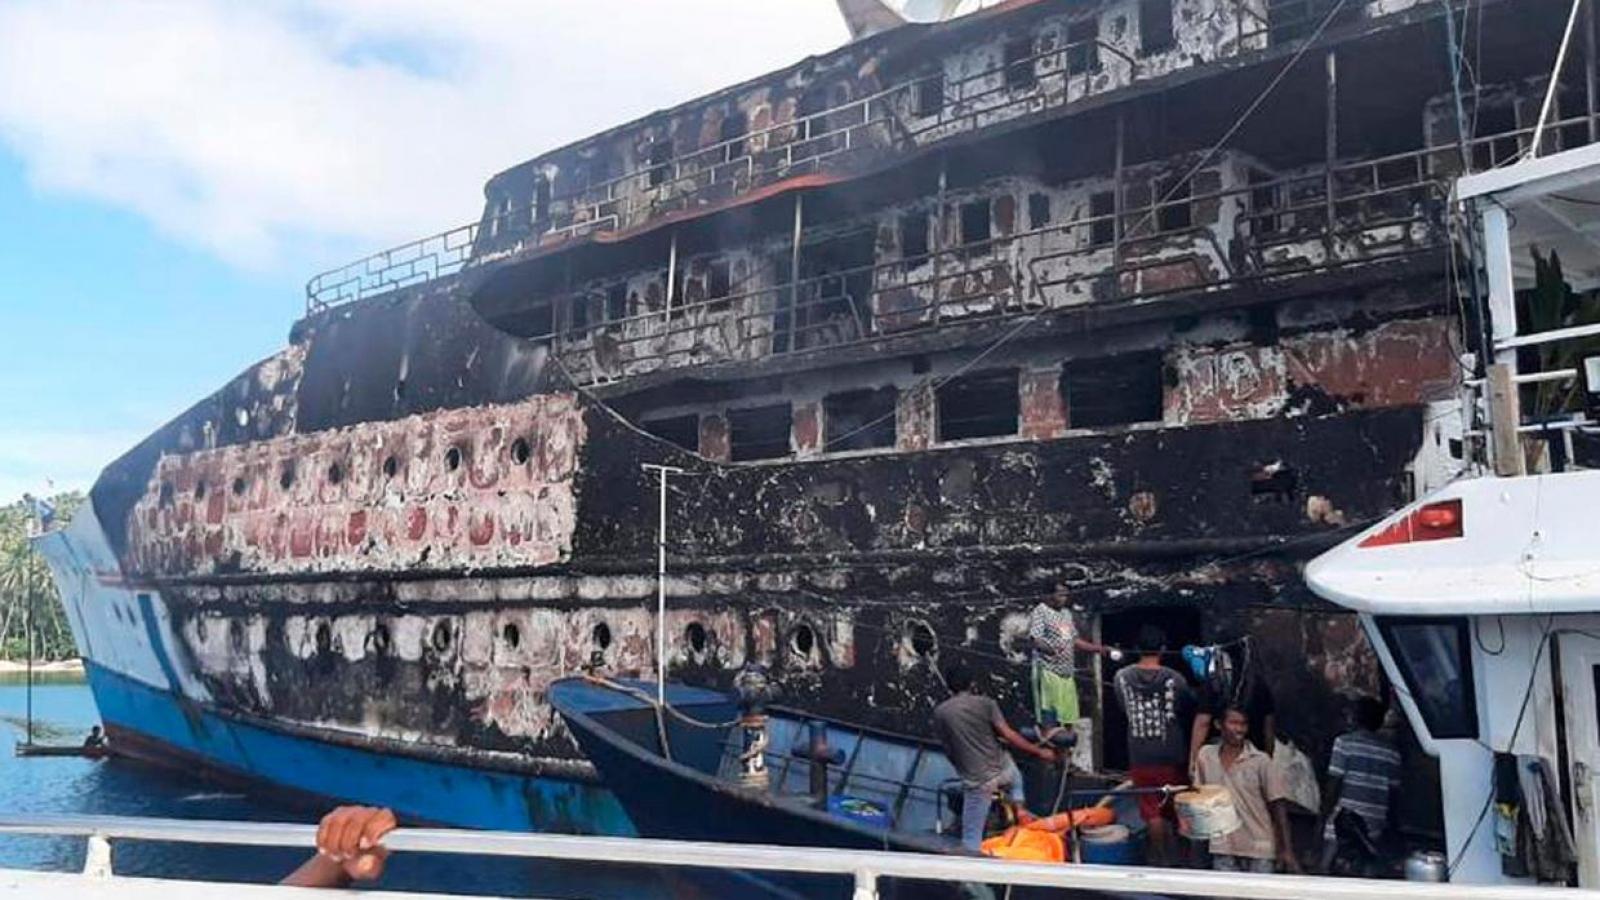 Indonesia: Tàu chở 200 người bất ngờ bốc cháy, hành khách nhảy xuống biển thoát thân